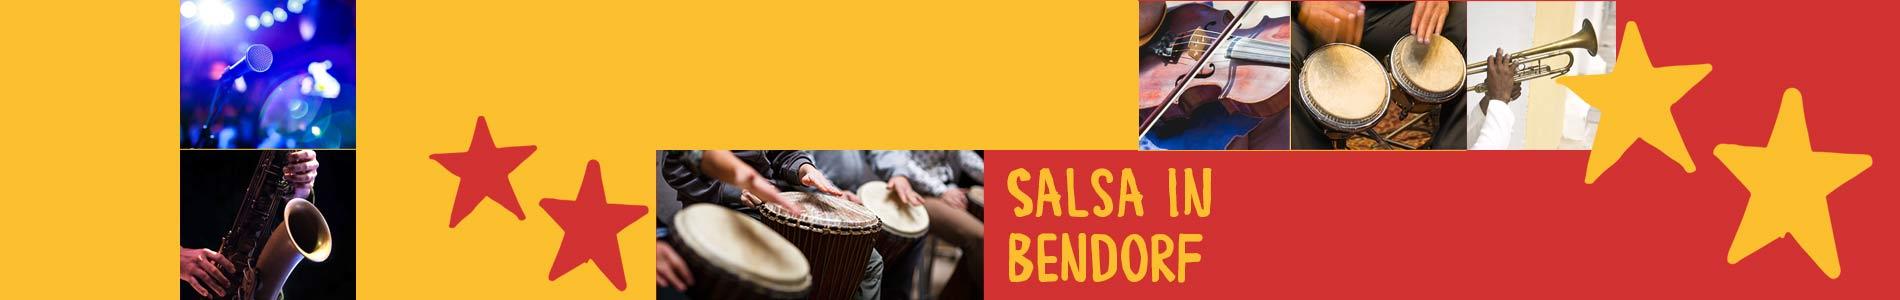 Salsa in Bendorf – Salsa lernen und tanzen, Tanzkurse, Partys, Veranstaltungen